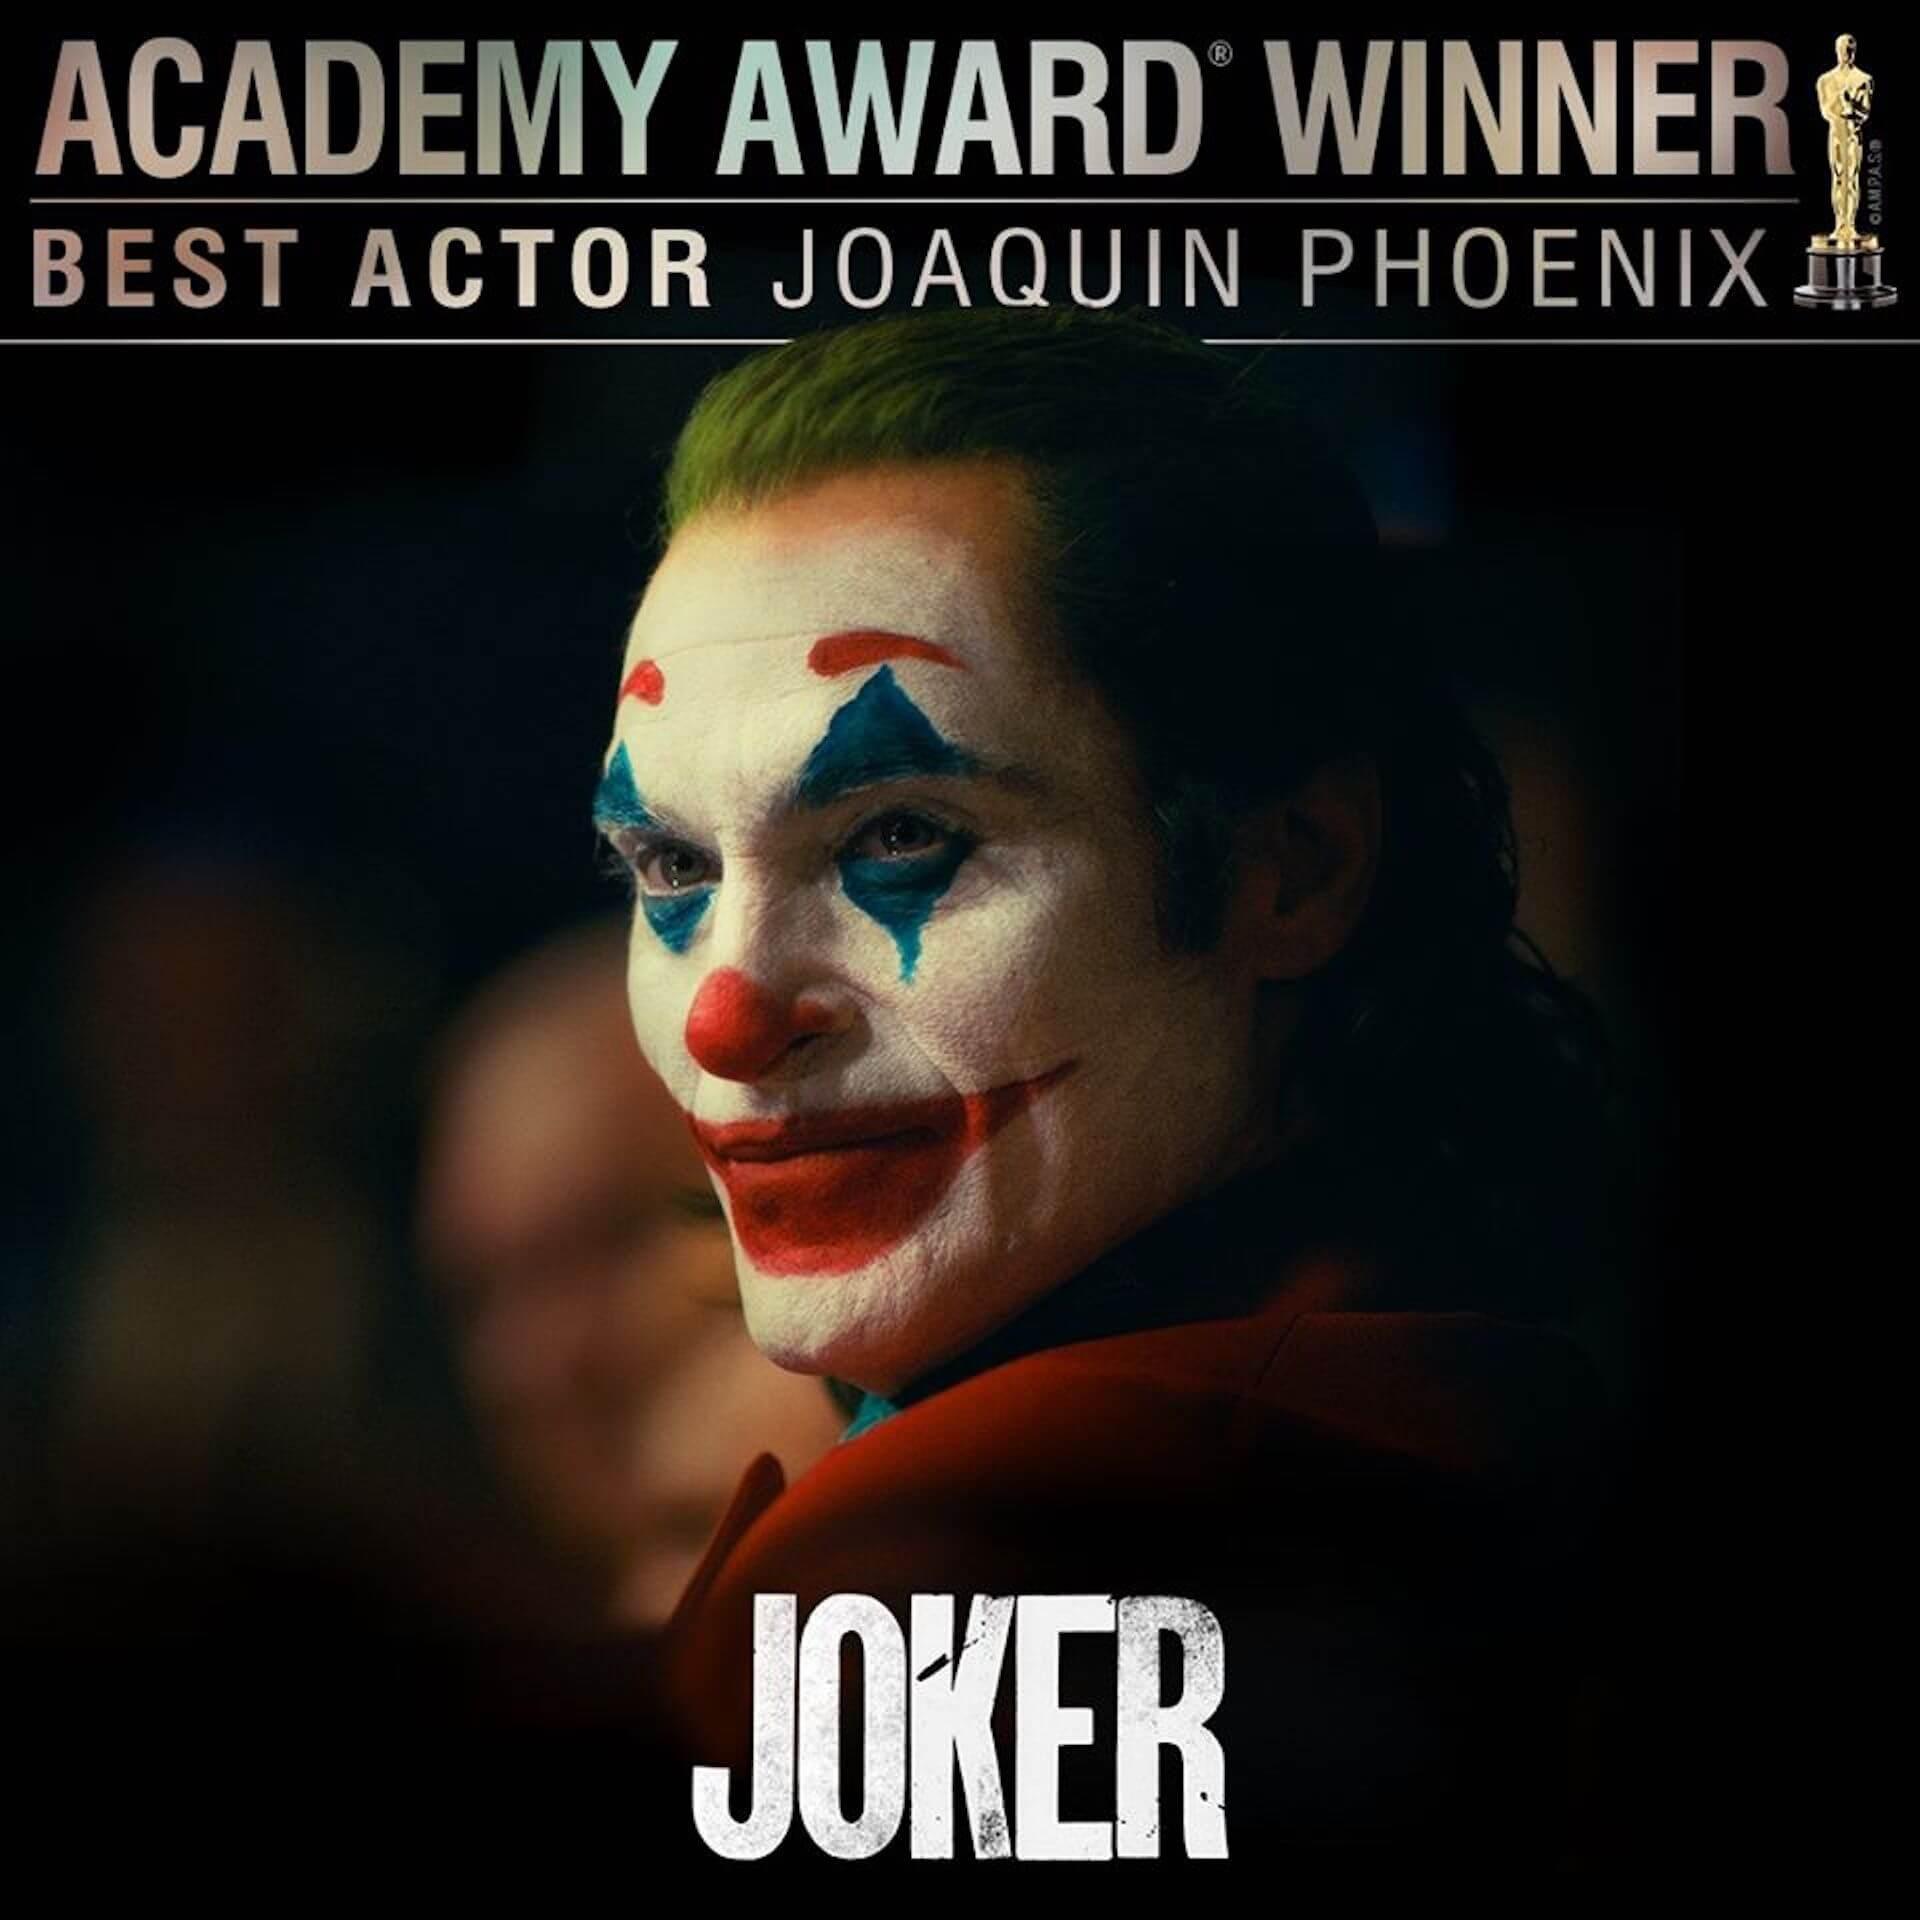 『ジョーカー』監督トッド・フィリップスがアカデミー賞受賞のホアキン・フェニックスとの映画撮影時のオフショットを公開 film200213_joker_joaquin_main